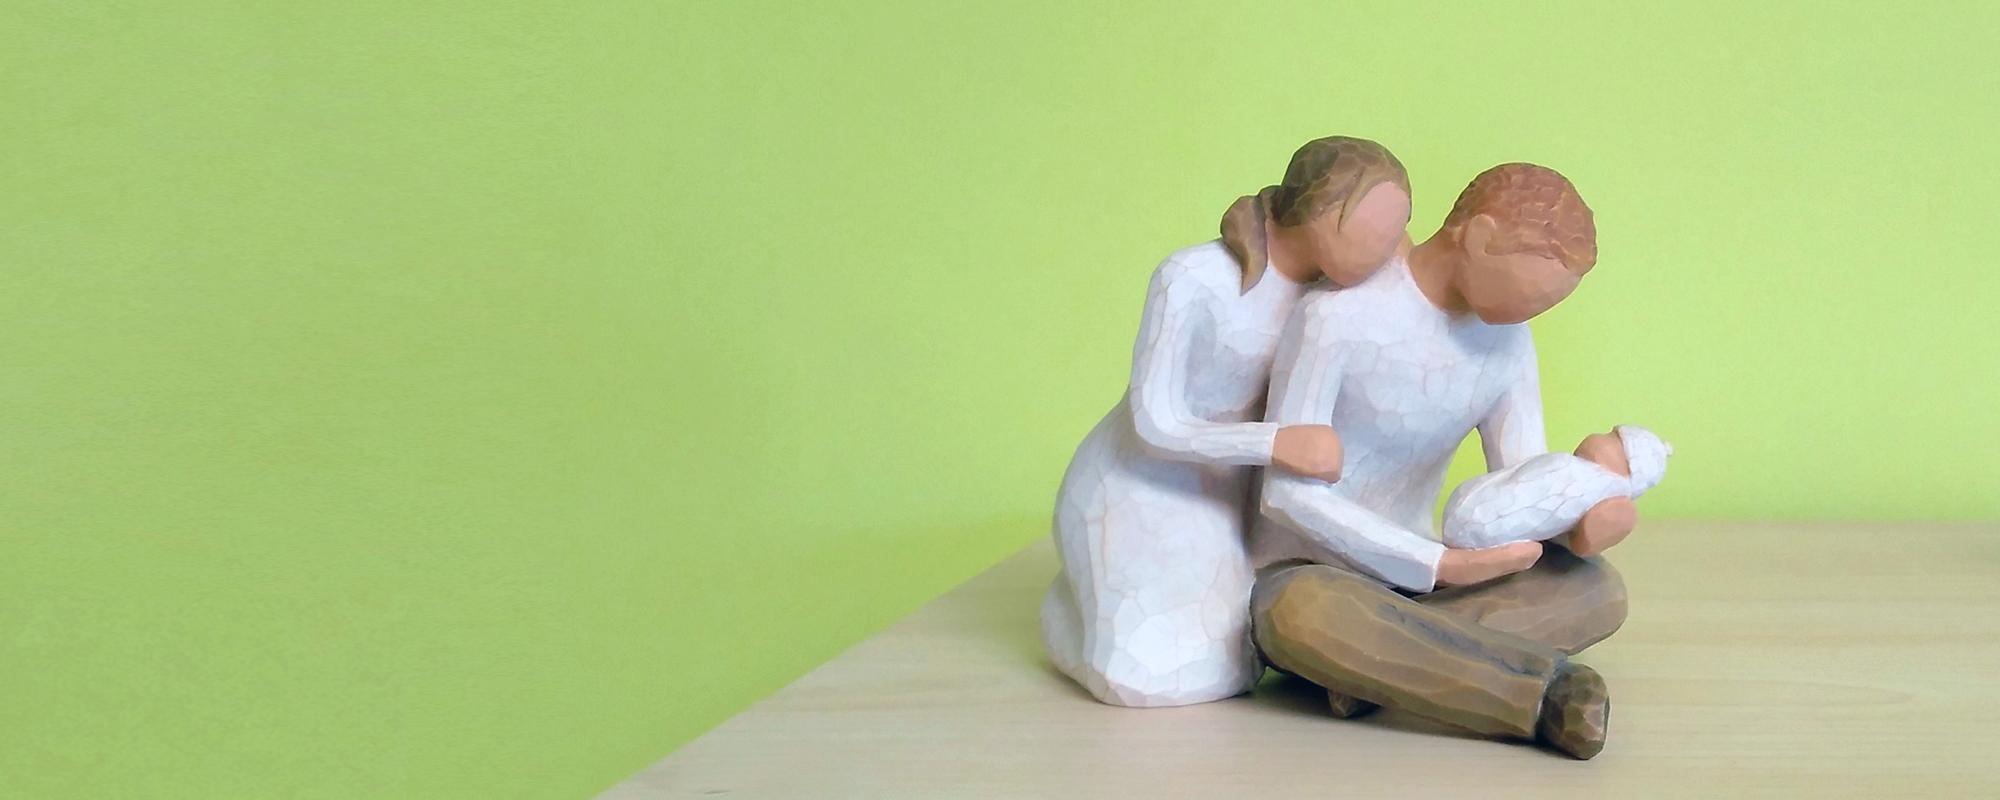 Υποστήριξη του <span>Μητρικού Θηλασμού</span>